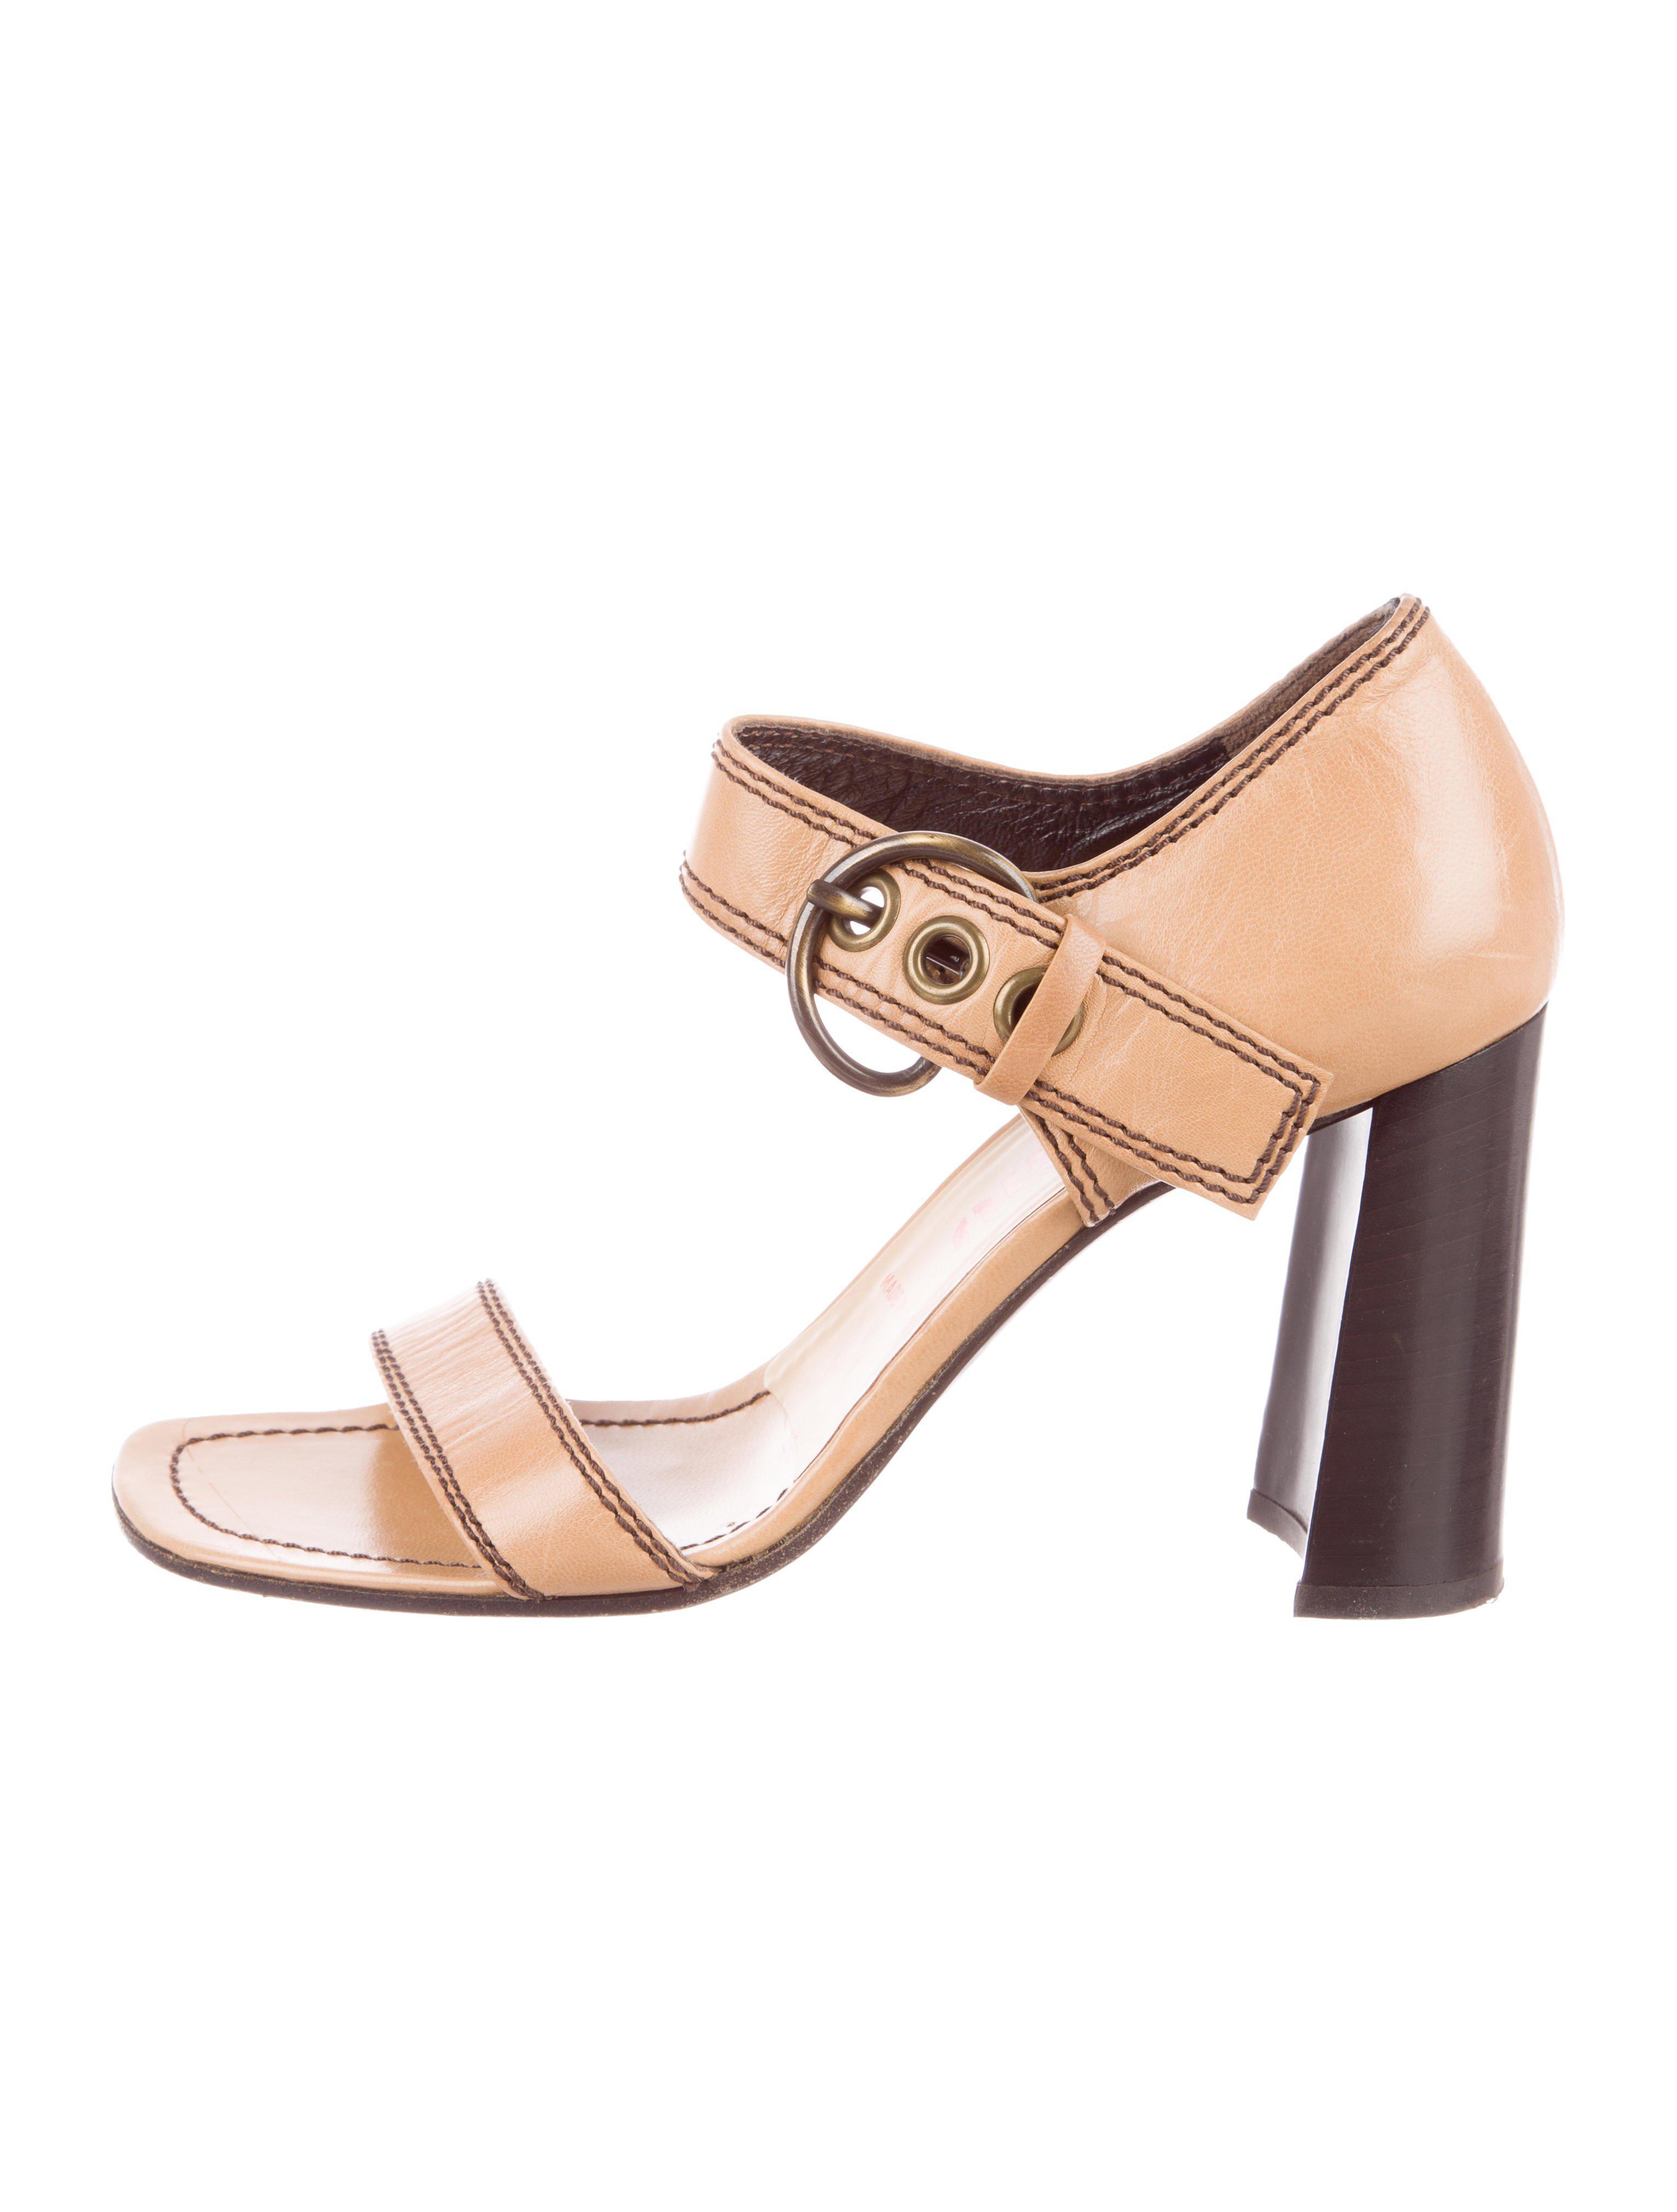 cd5dd99bb Lyst - Miu Miu Miu Ankle Strap Sandals Tan in Natural